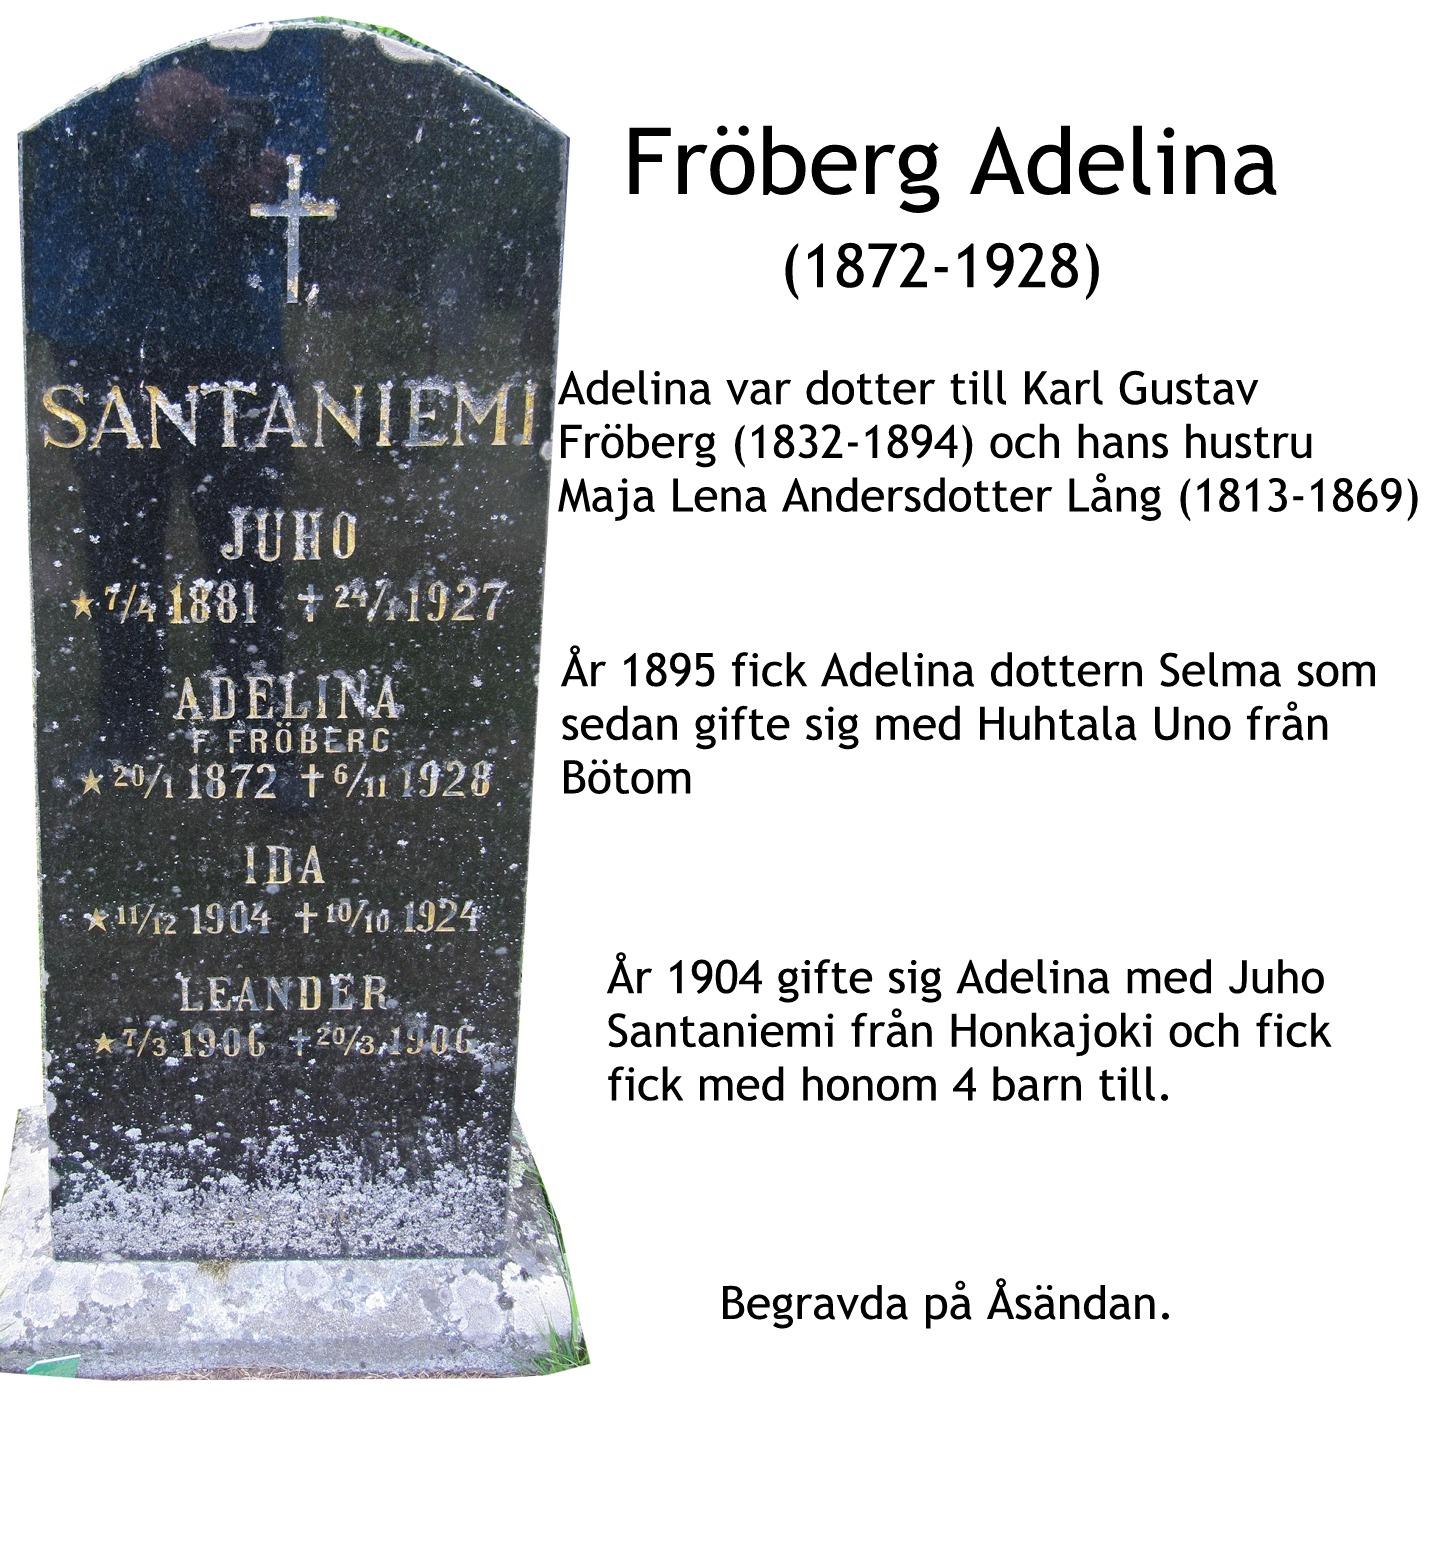 Fröberg Adelina